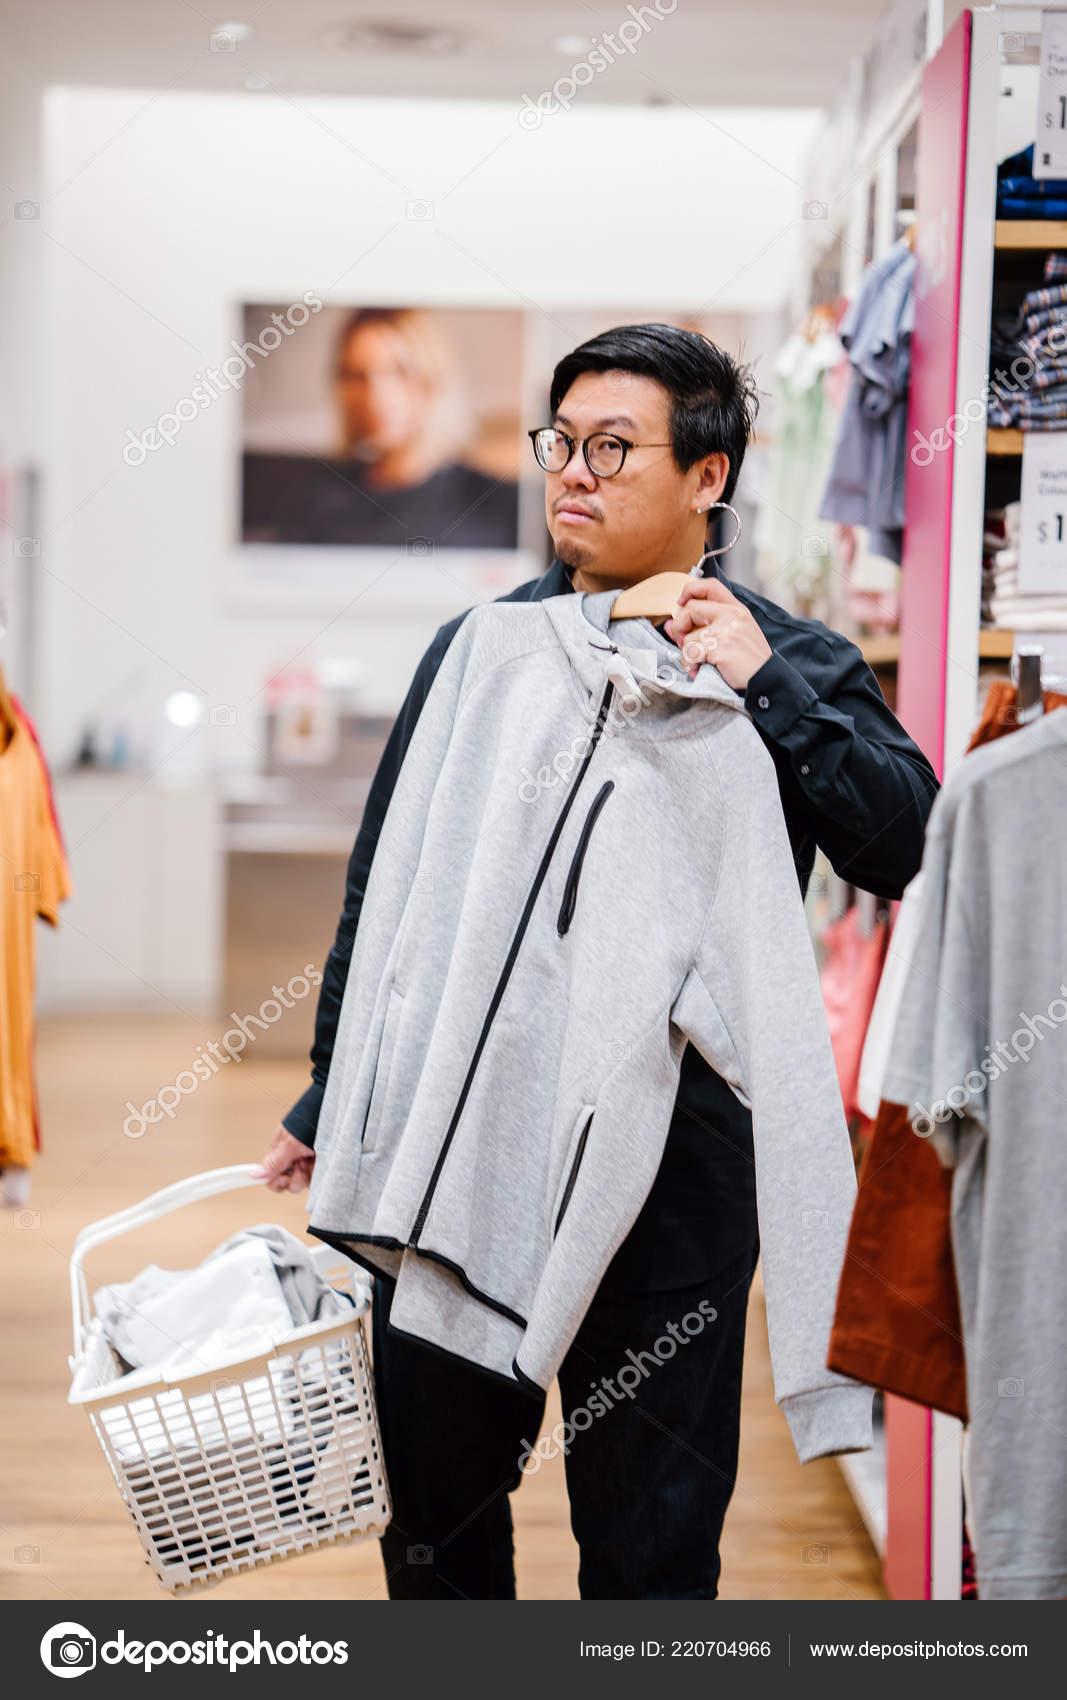 505a5d52b5fe Egy középkorú kínai férfi a vásárlás ruházati egy gyors divat áruház– stock  kép